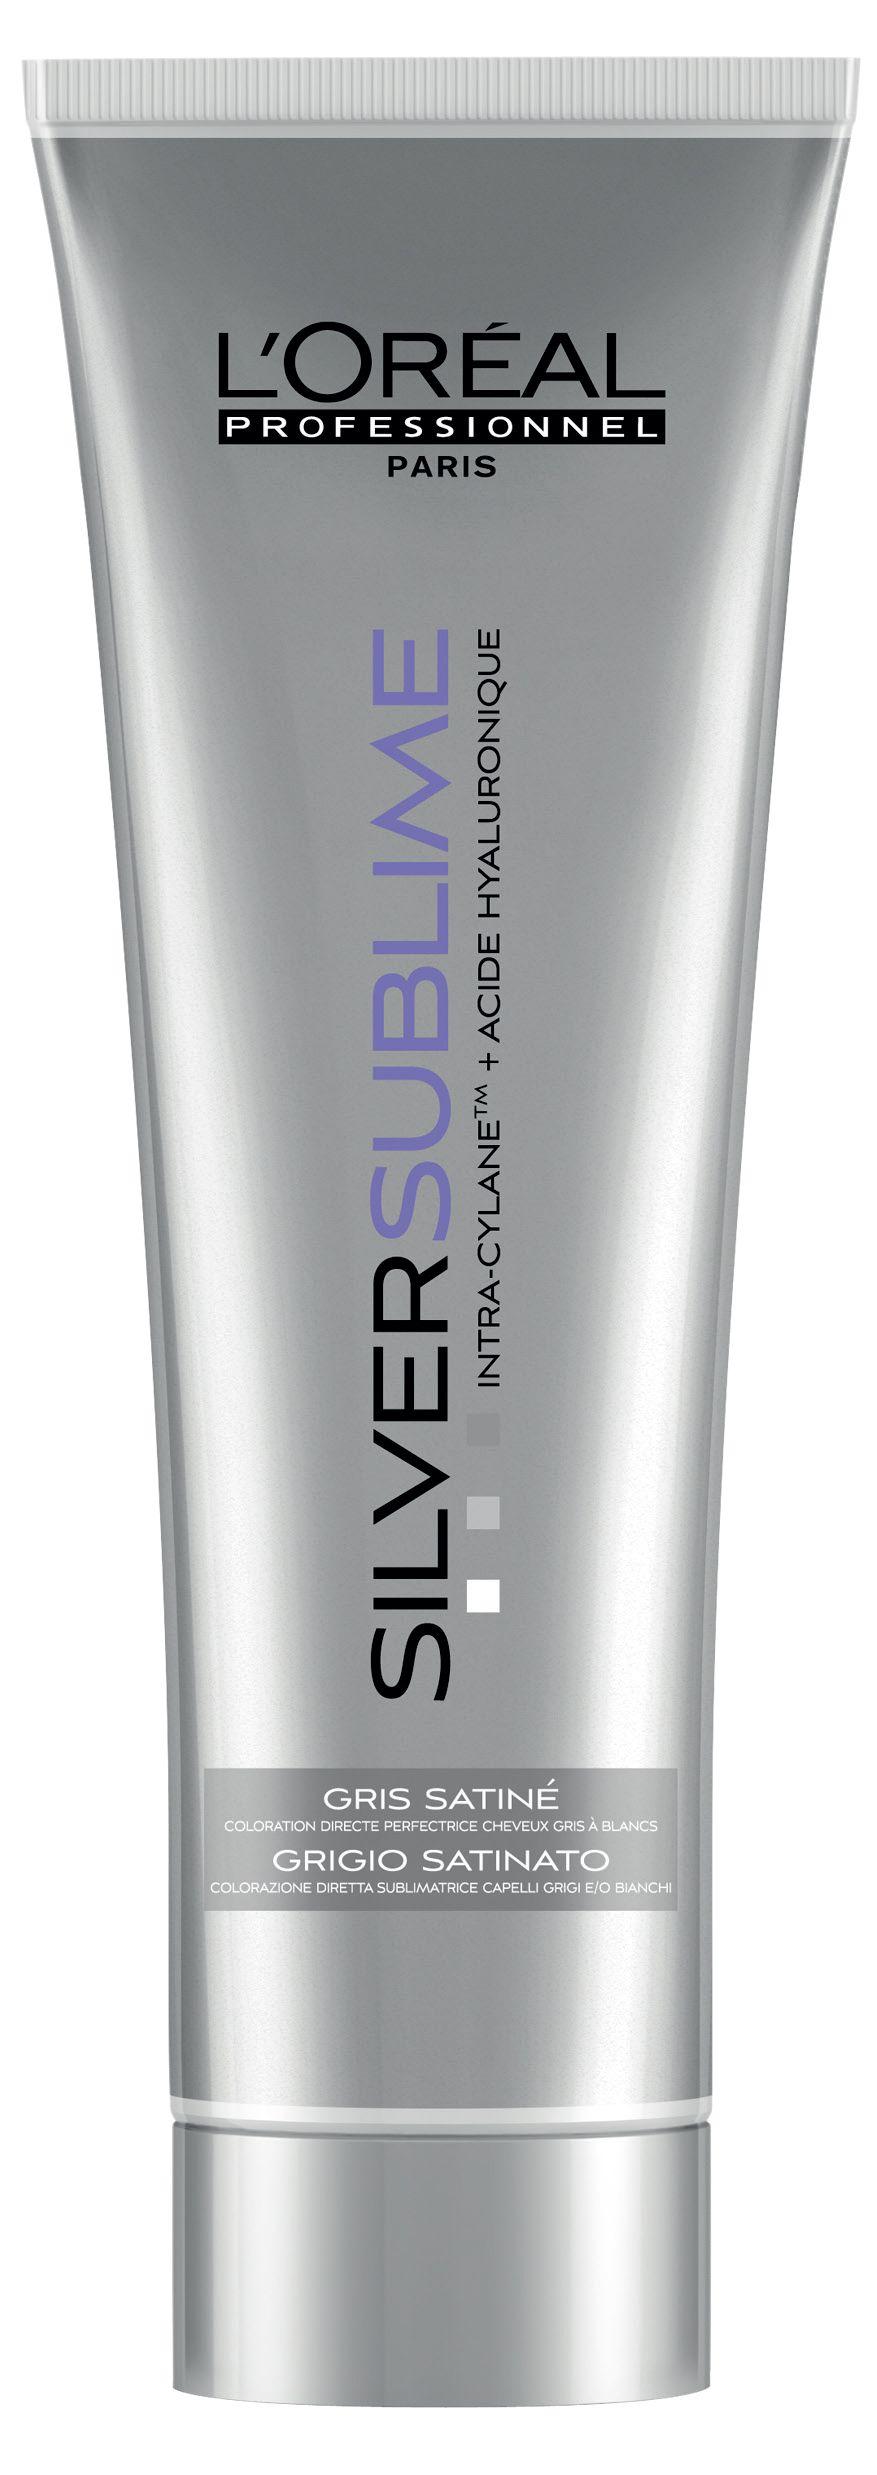 L'Oréal Professionnel Silver Sublime direct sublime hair